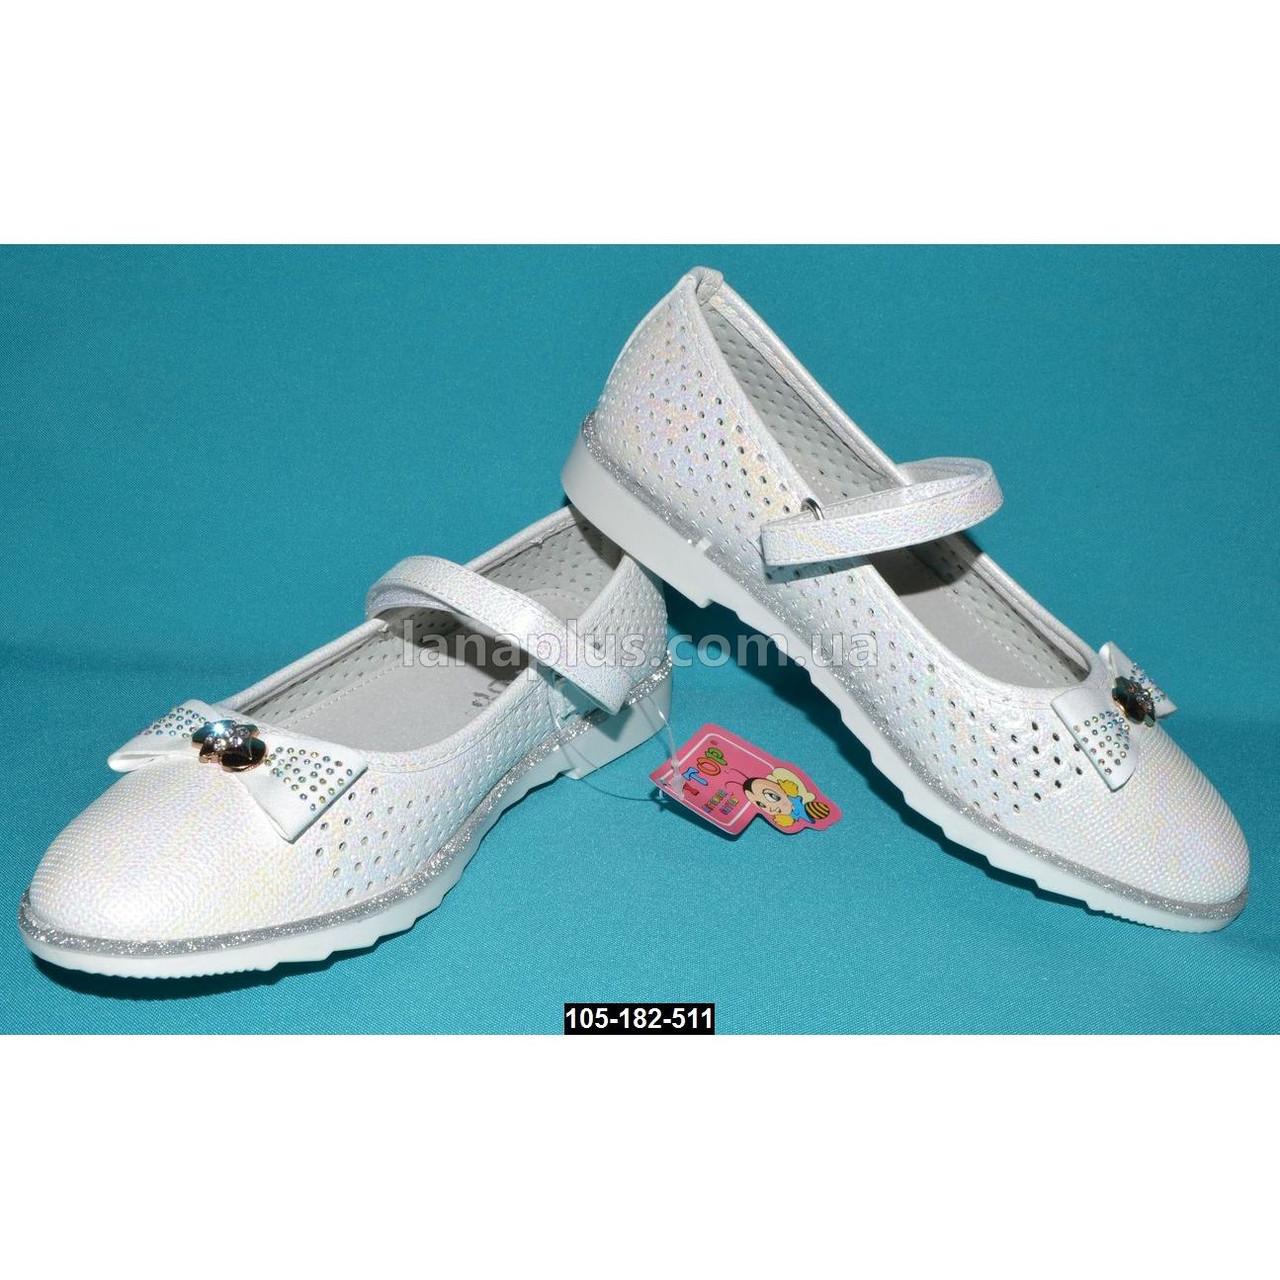 Нарядные облегченные туфли для девочки, 35 размер, кожаная стелька, супинатор